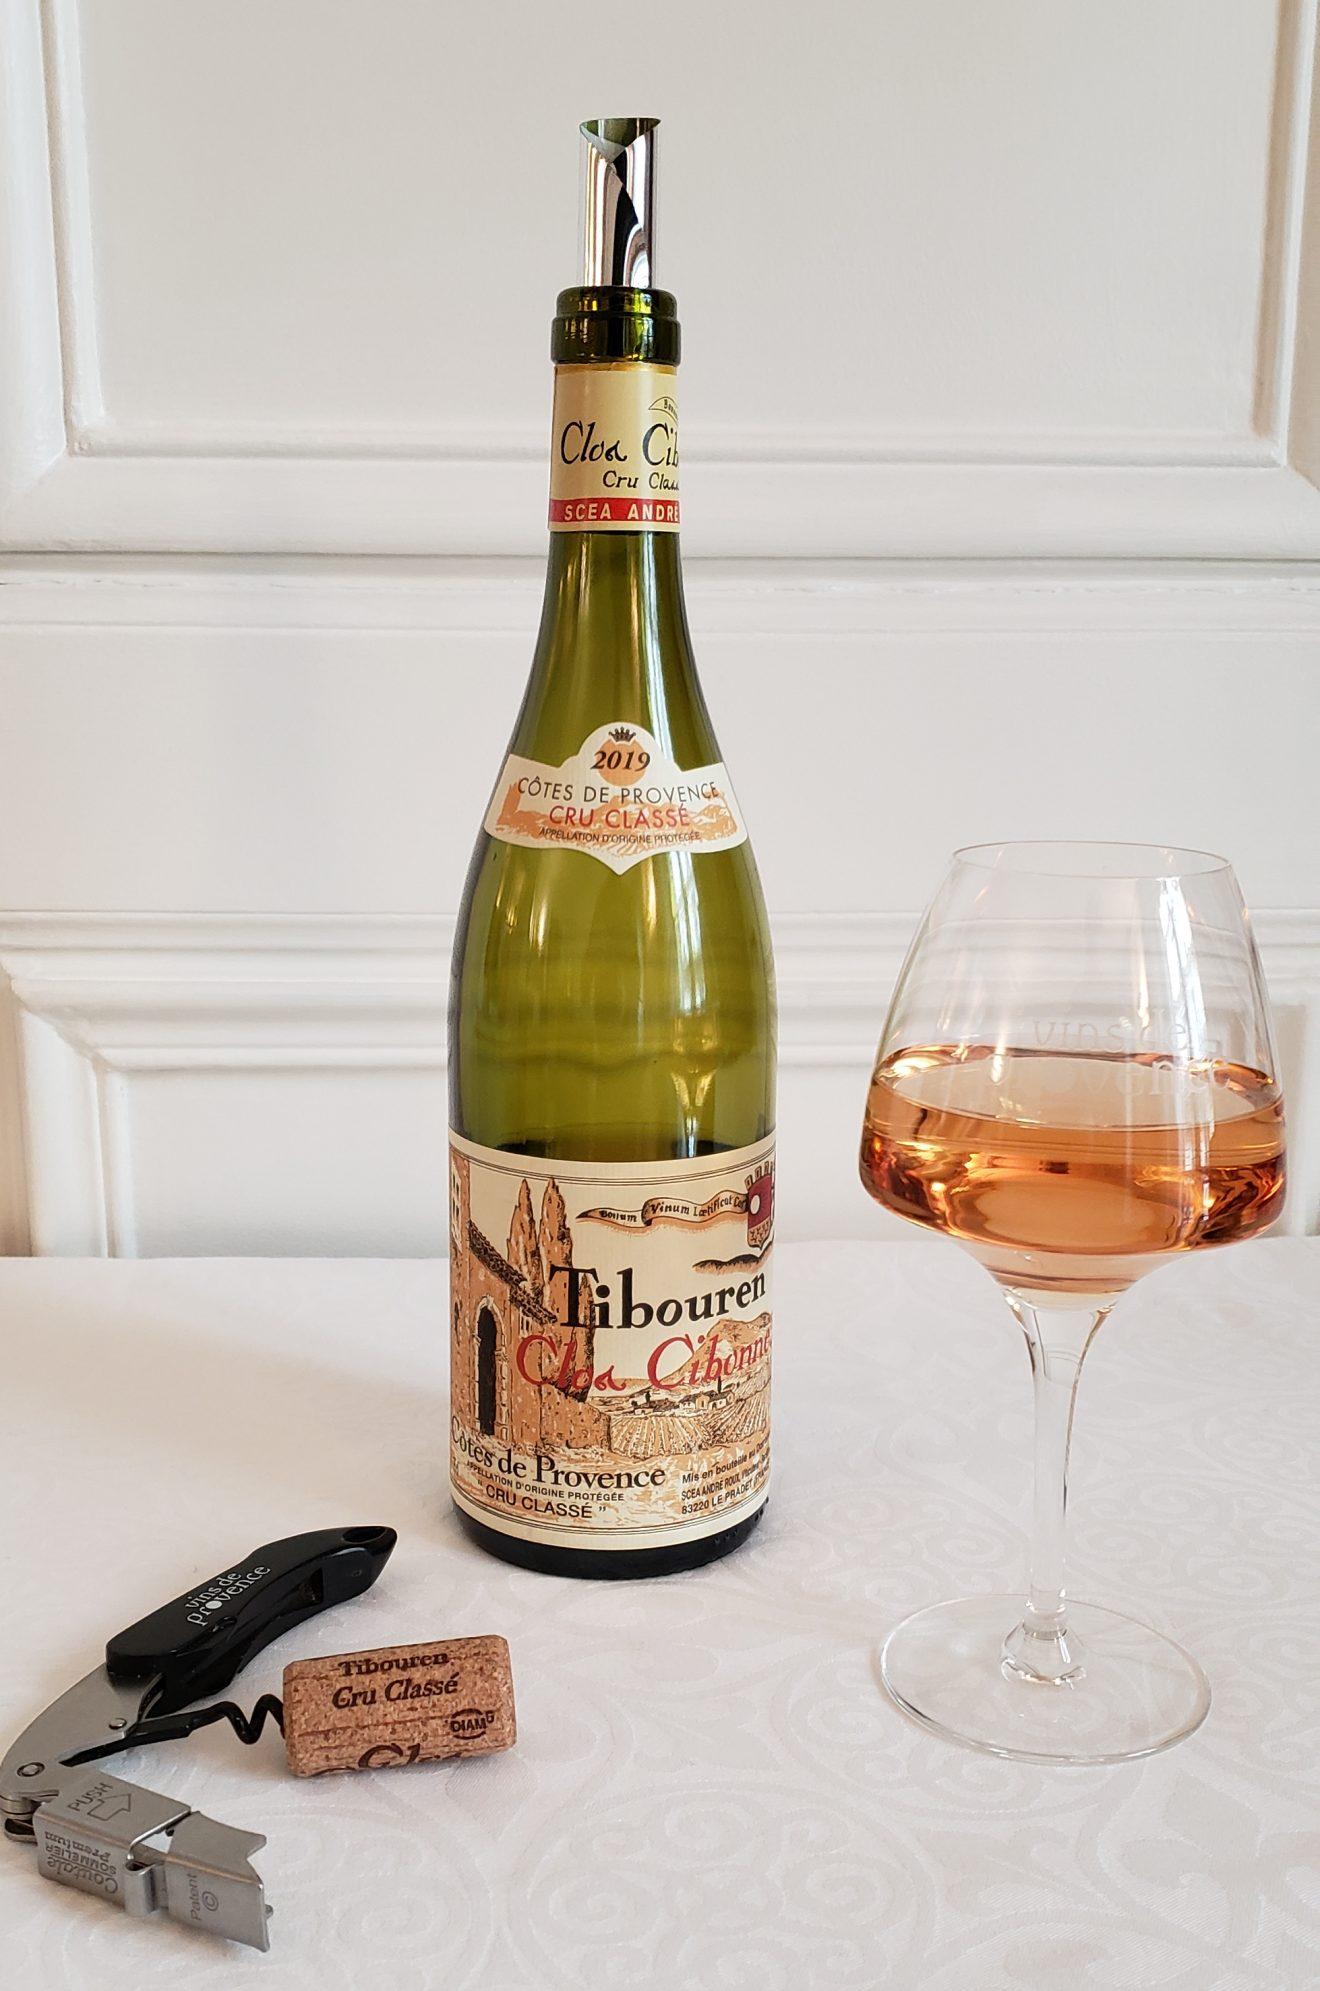 Clos Cibonne - Cru classé Côtes de Provence - rosé, cuvée Tradition 2019, cépage tibouren. Photo © Pierre d'Ornano/Aeternus.fr